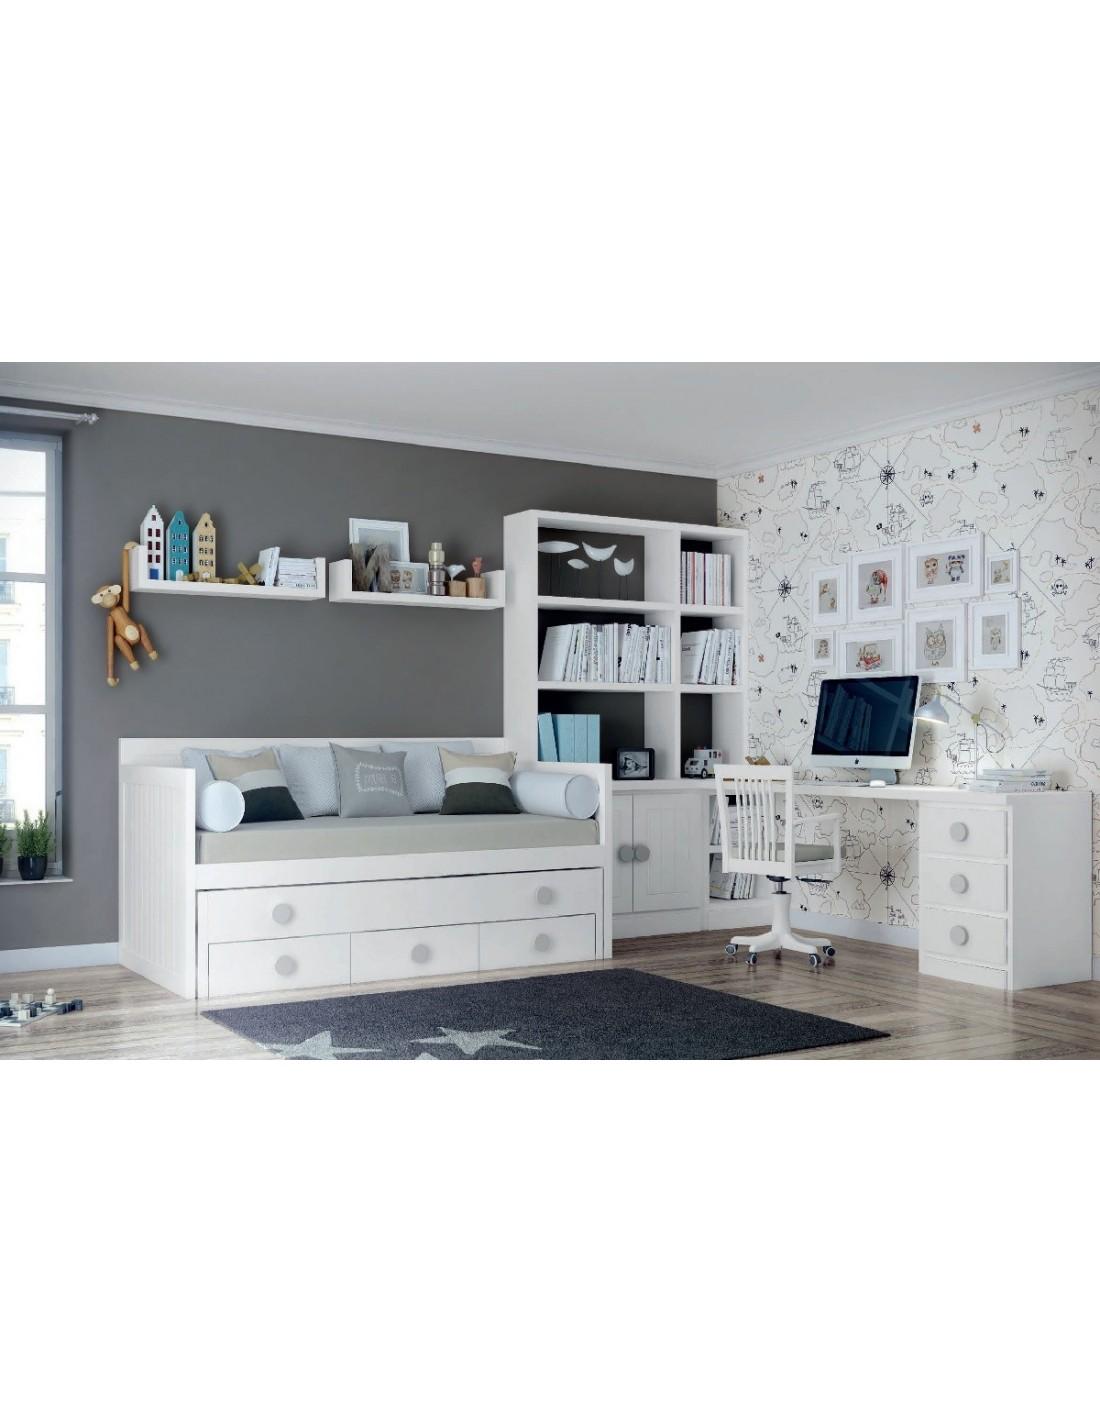 Comprar online dormitorio juvenil lacado en blanco 14 for Muebles refolio dormitorios juveniles